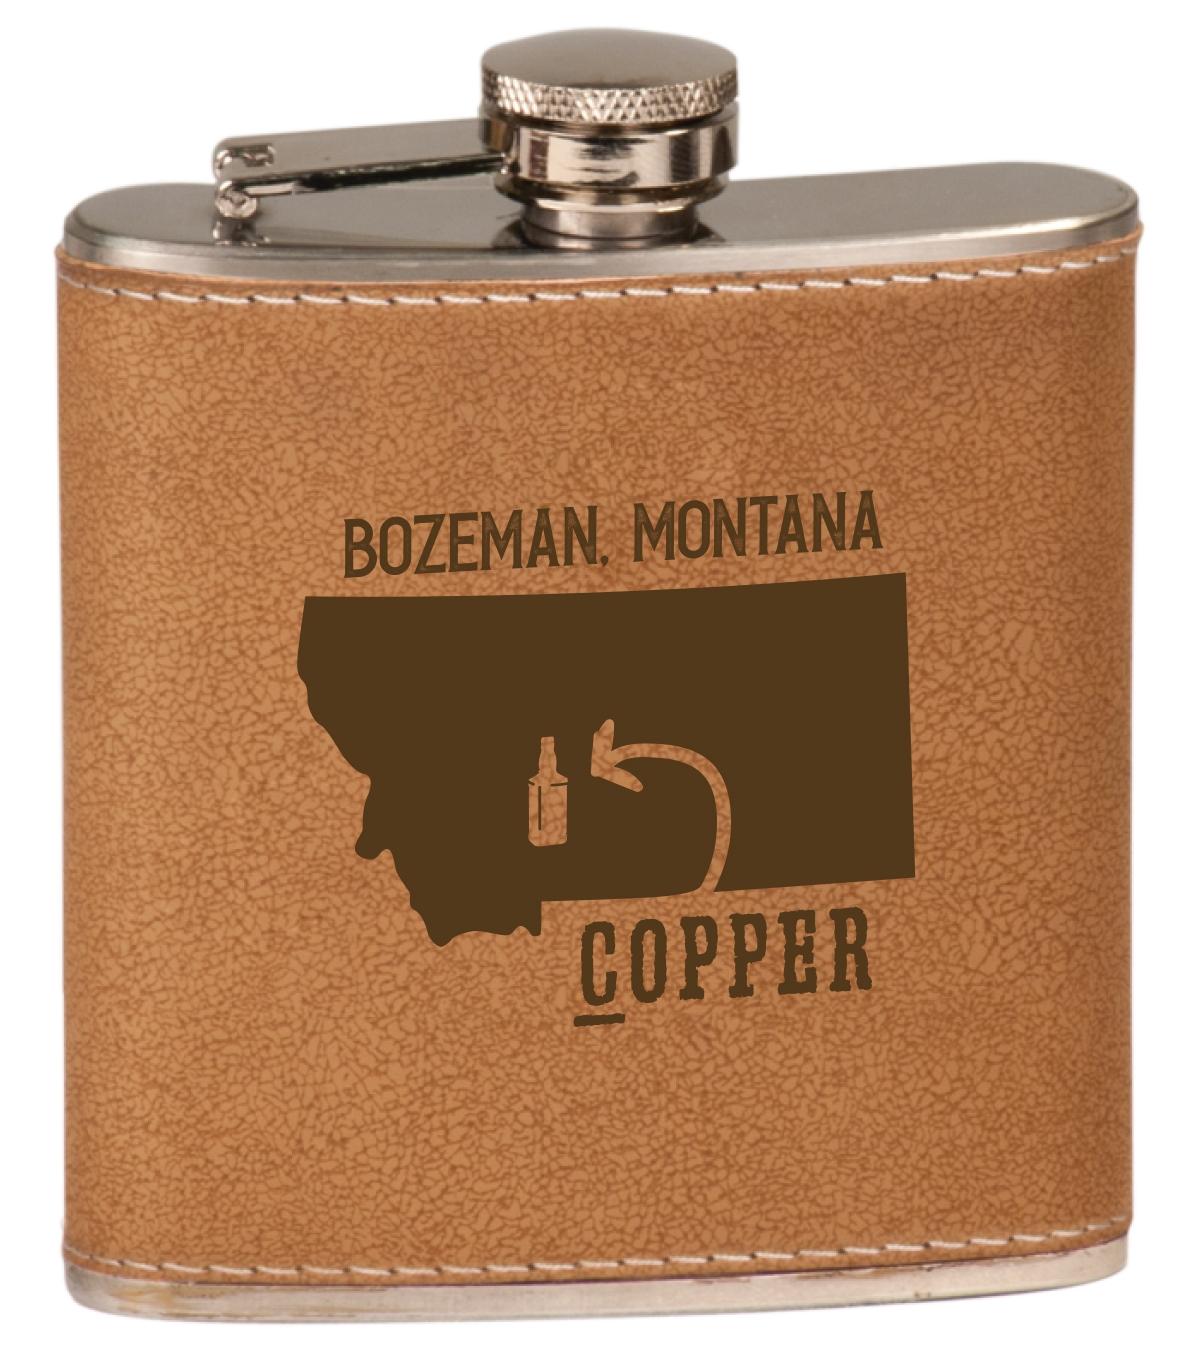 CopperFlask.jpg